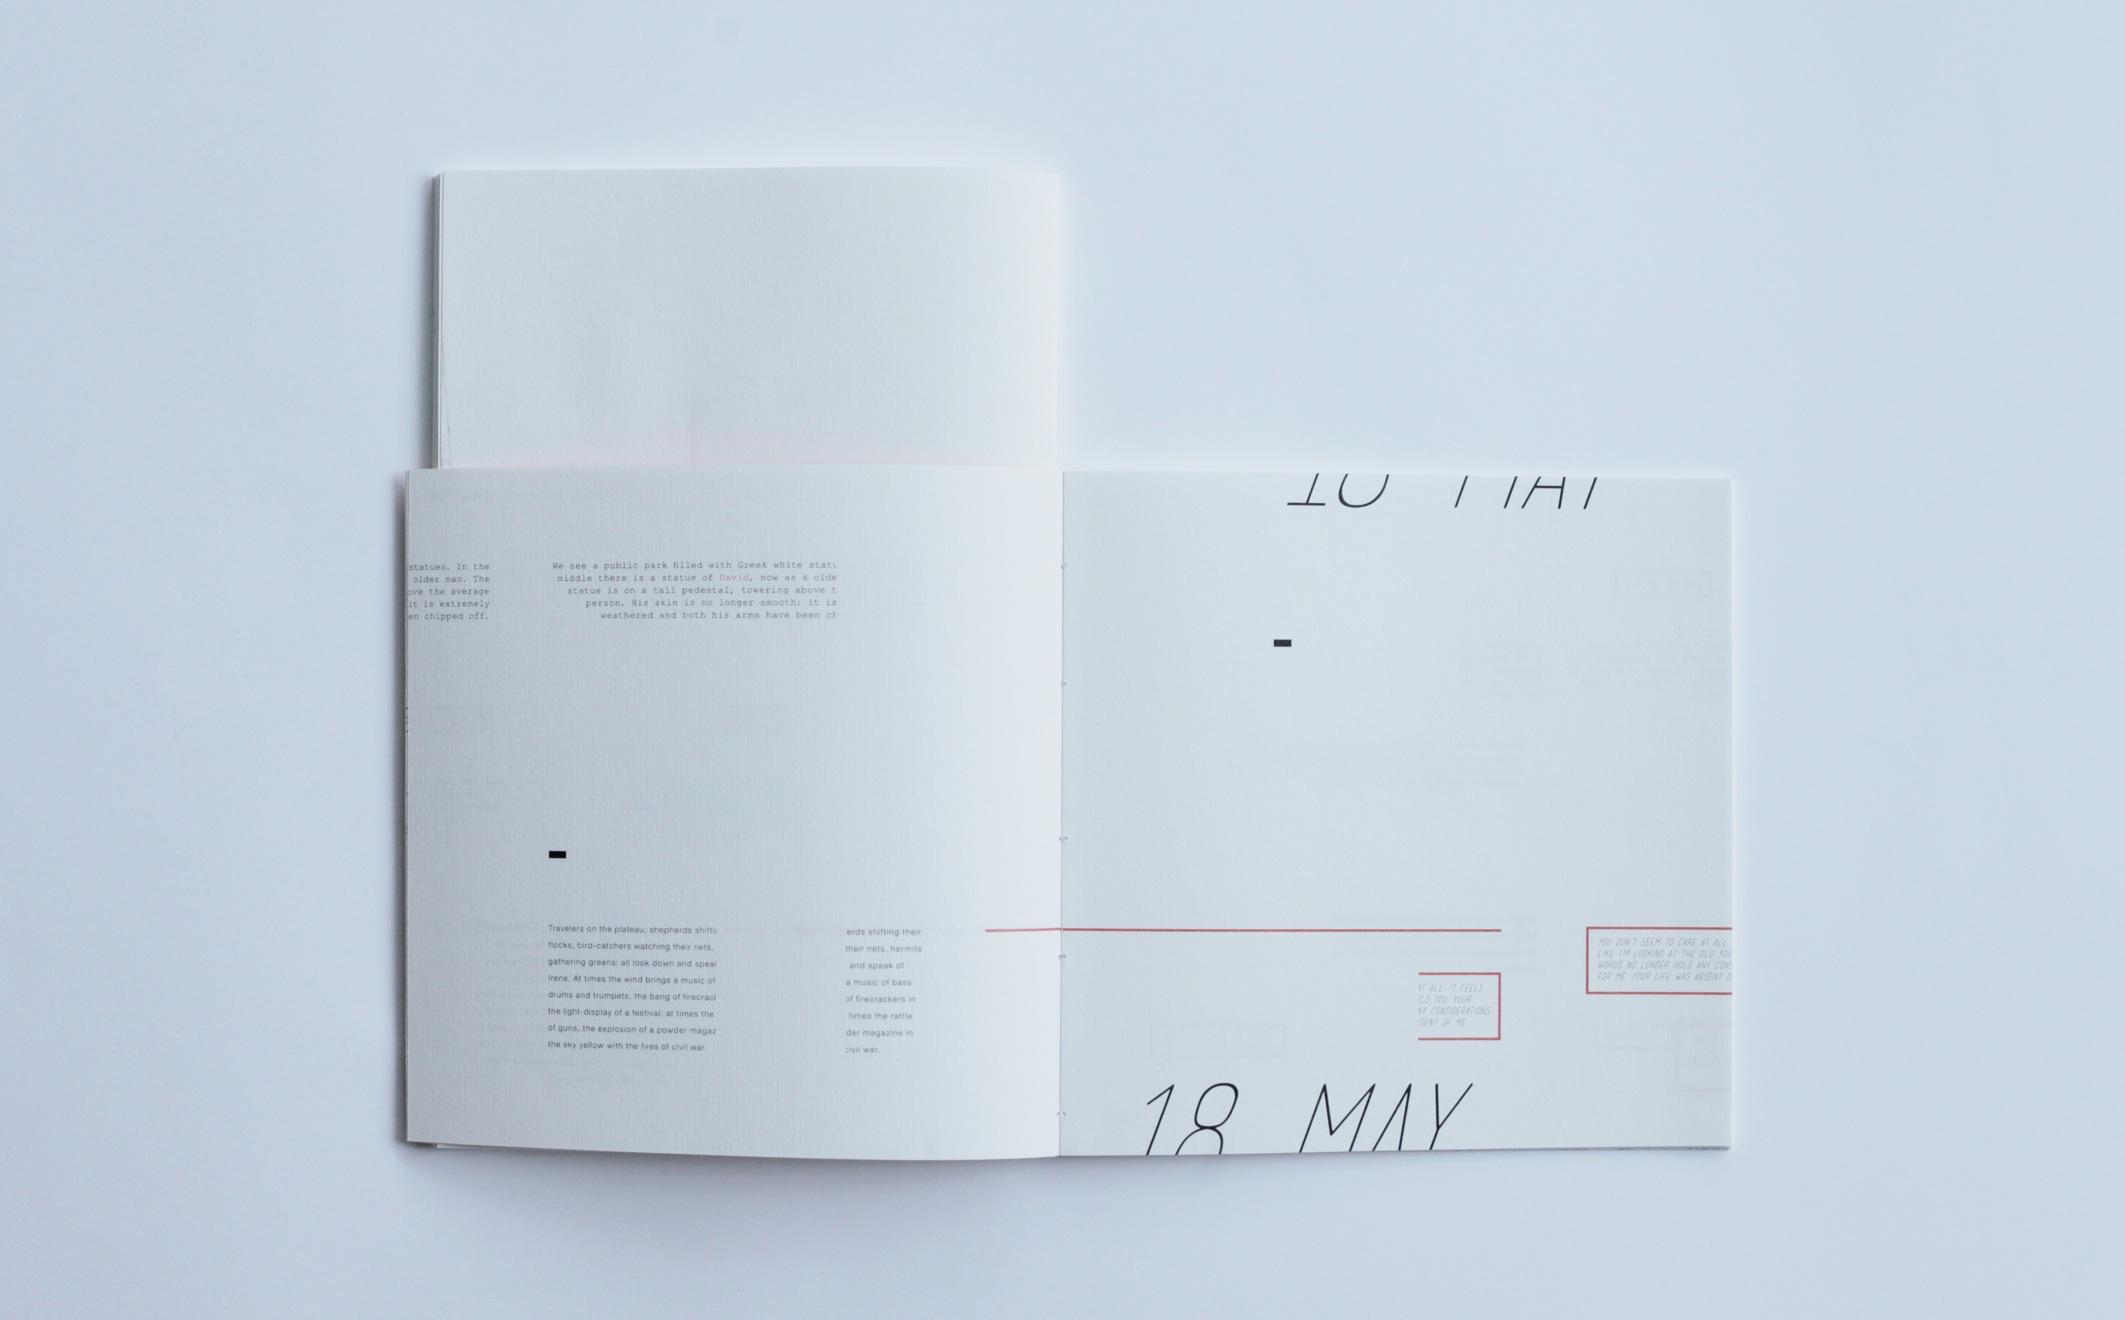 010 .jpg